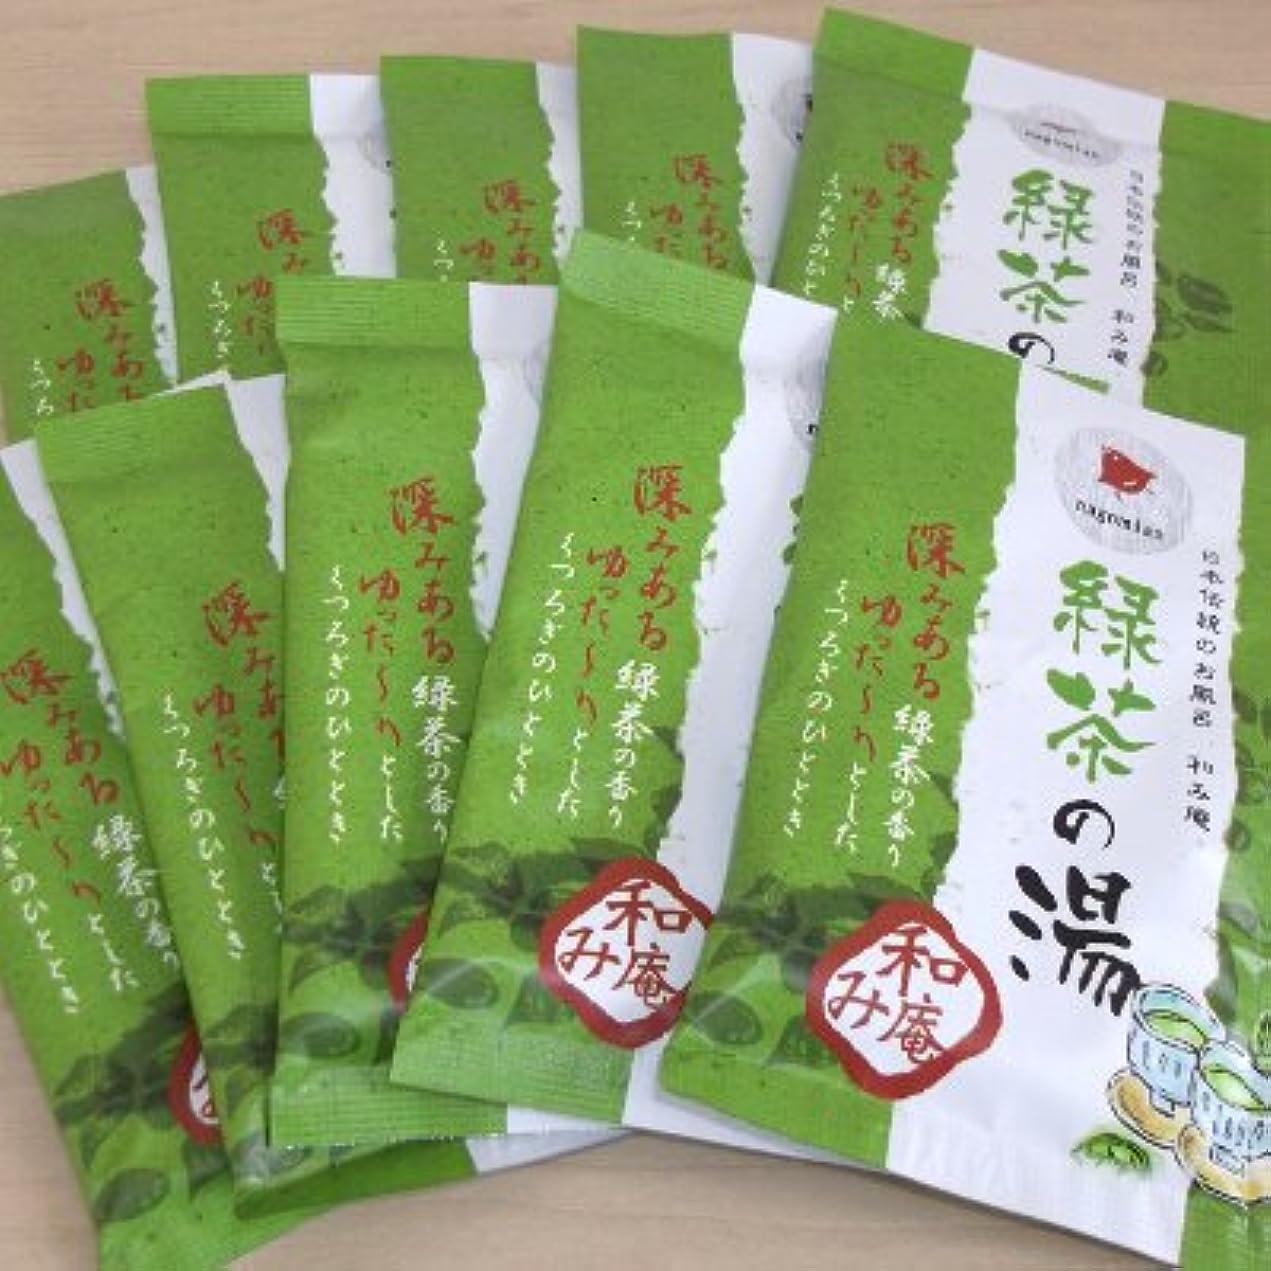 体ピケ膨張する和み庵 緑茶の湯 10包セット